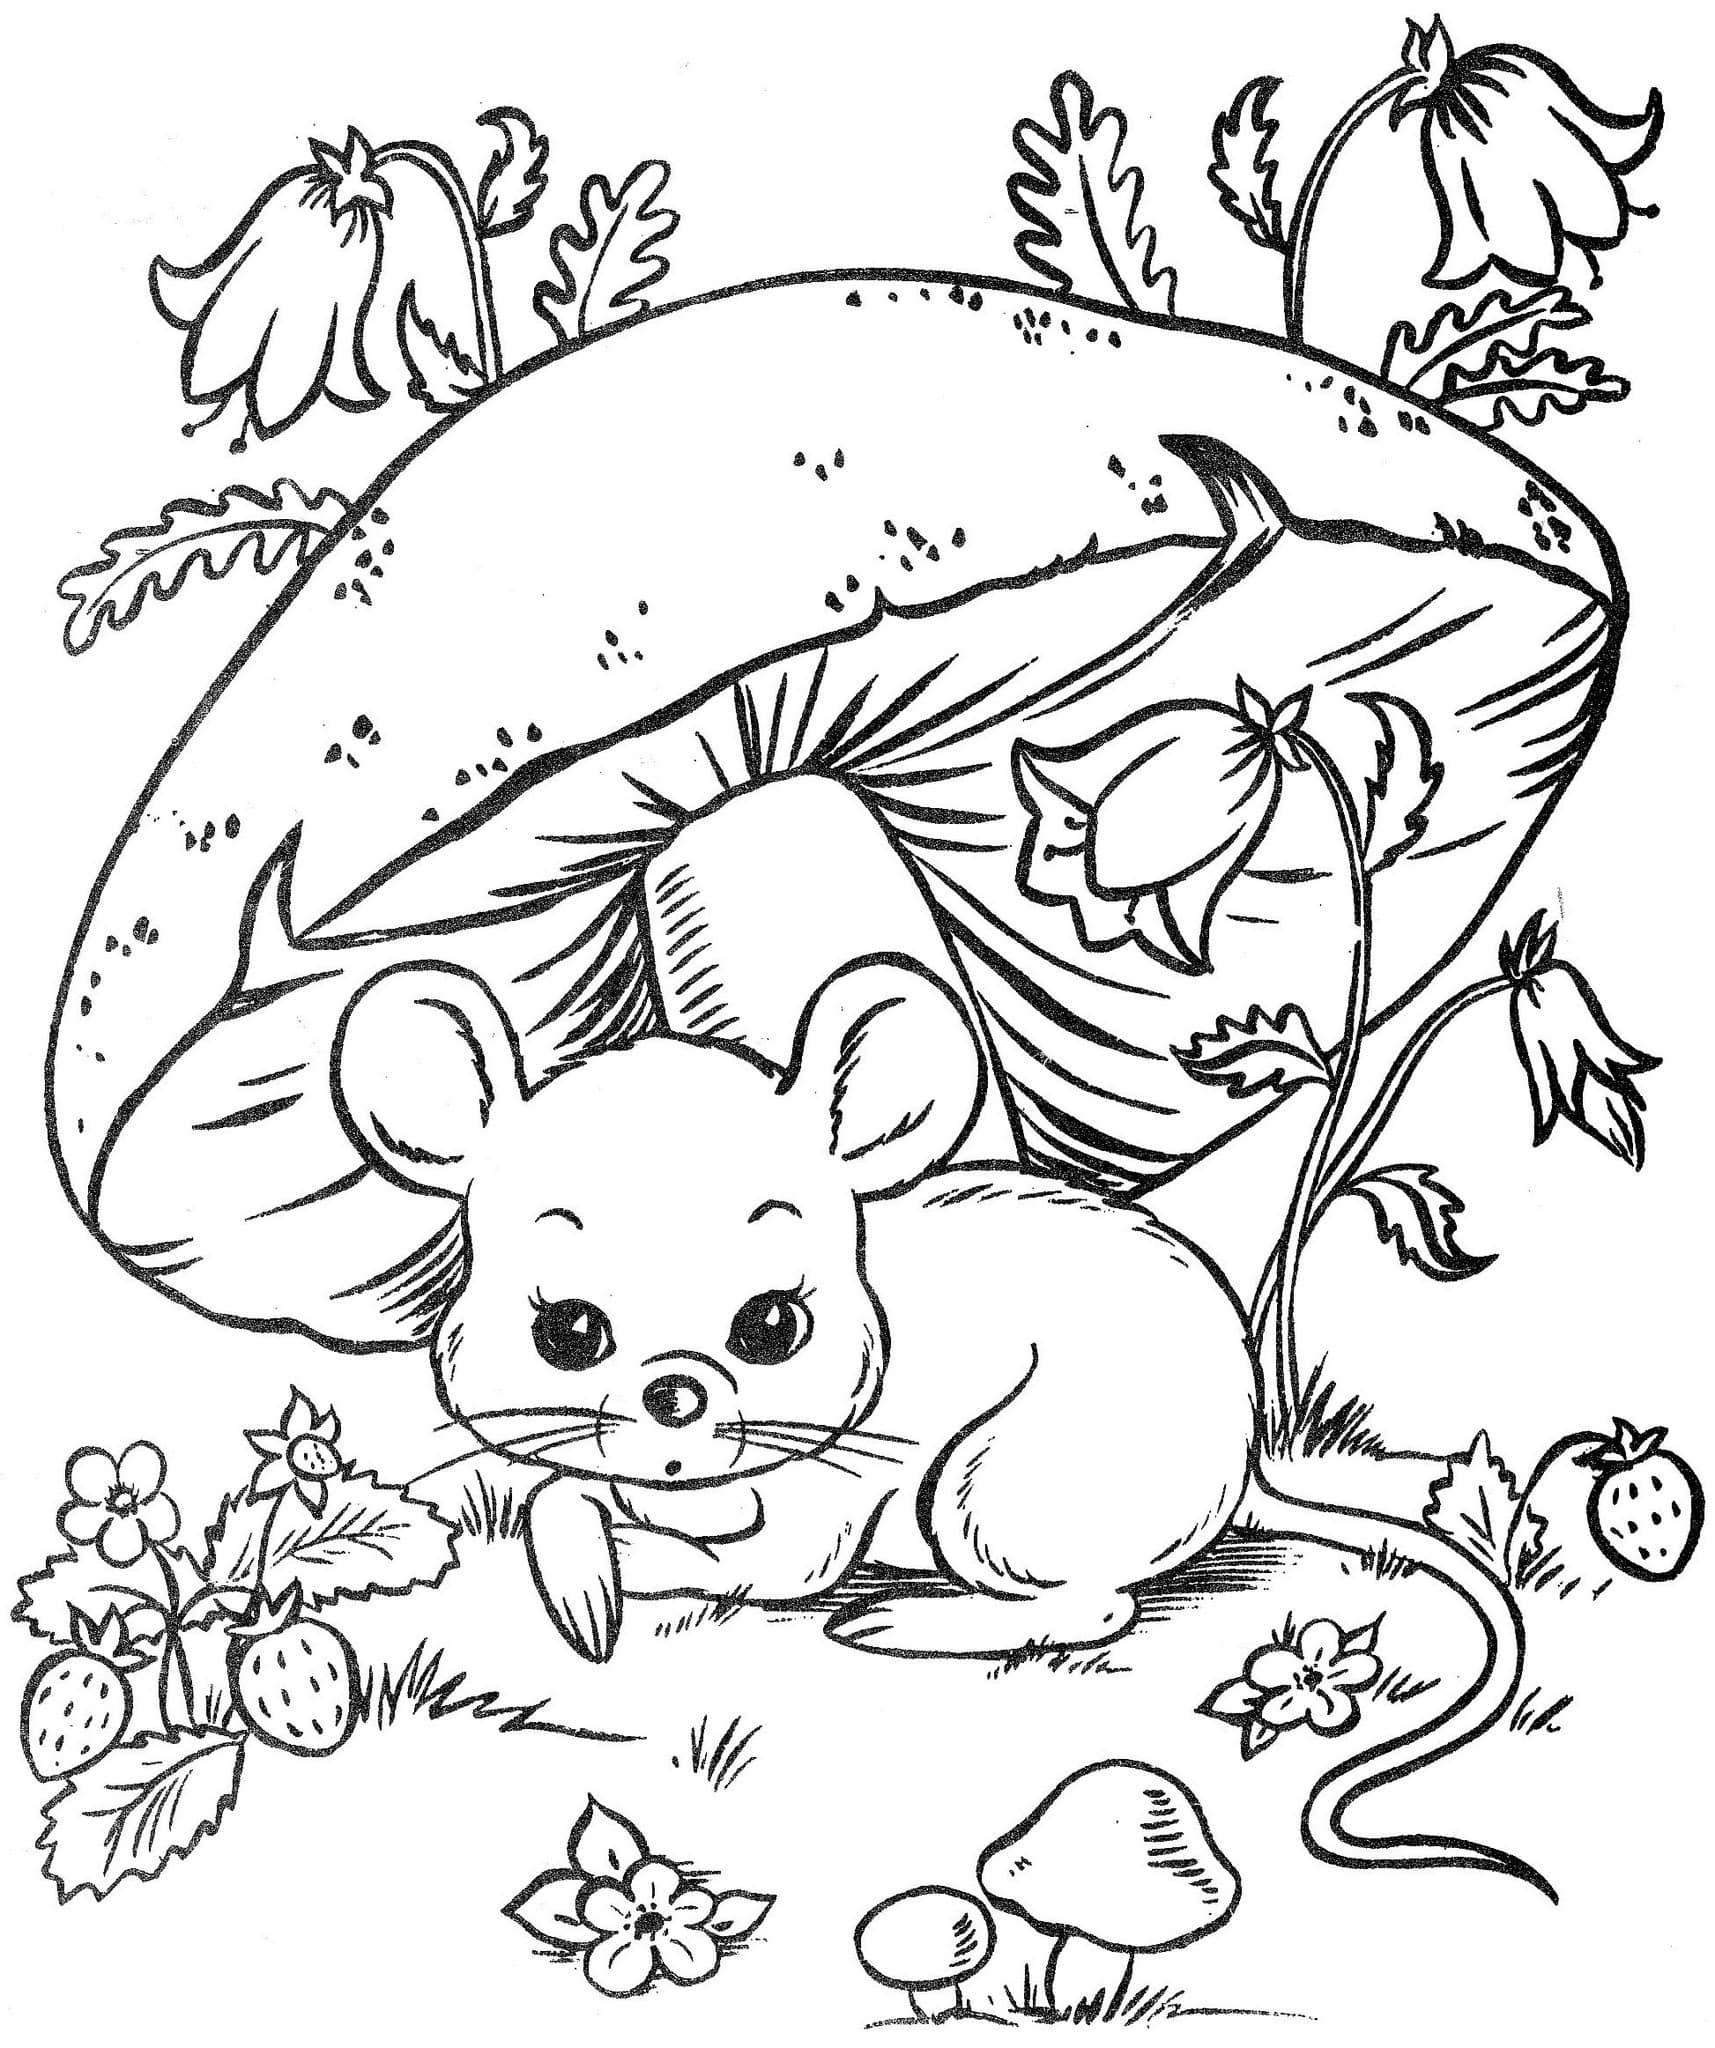 Иллюстрации к произведениям бианки картинки для раскрашивания